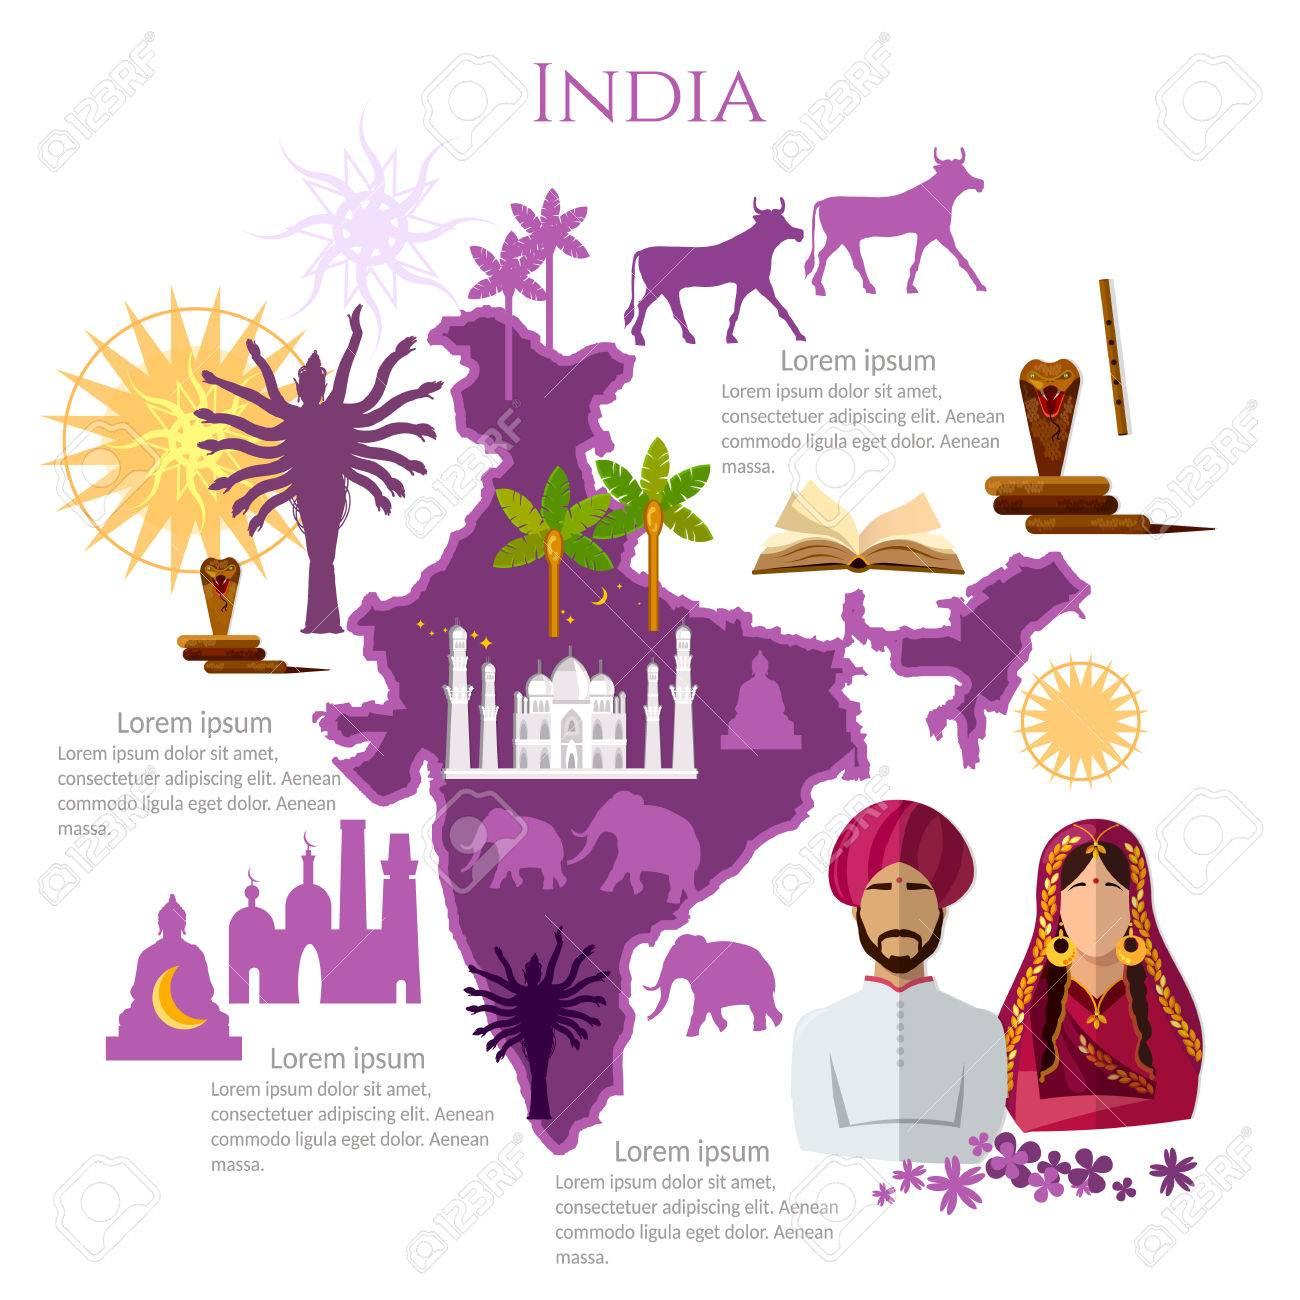 India Infografía. Lugares De Interés, Cultura, Tradiciones, Mapa ...